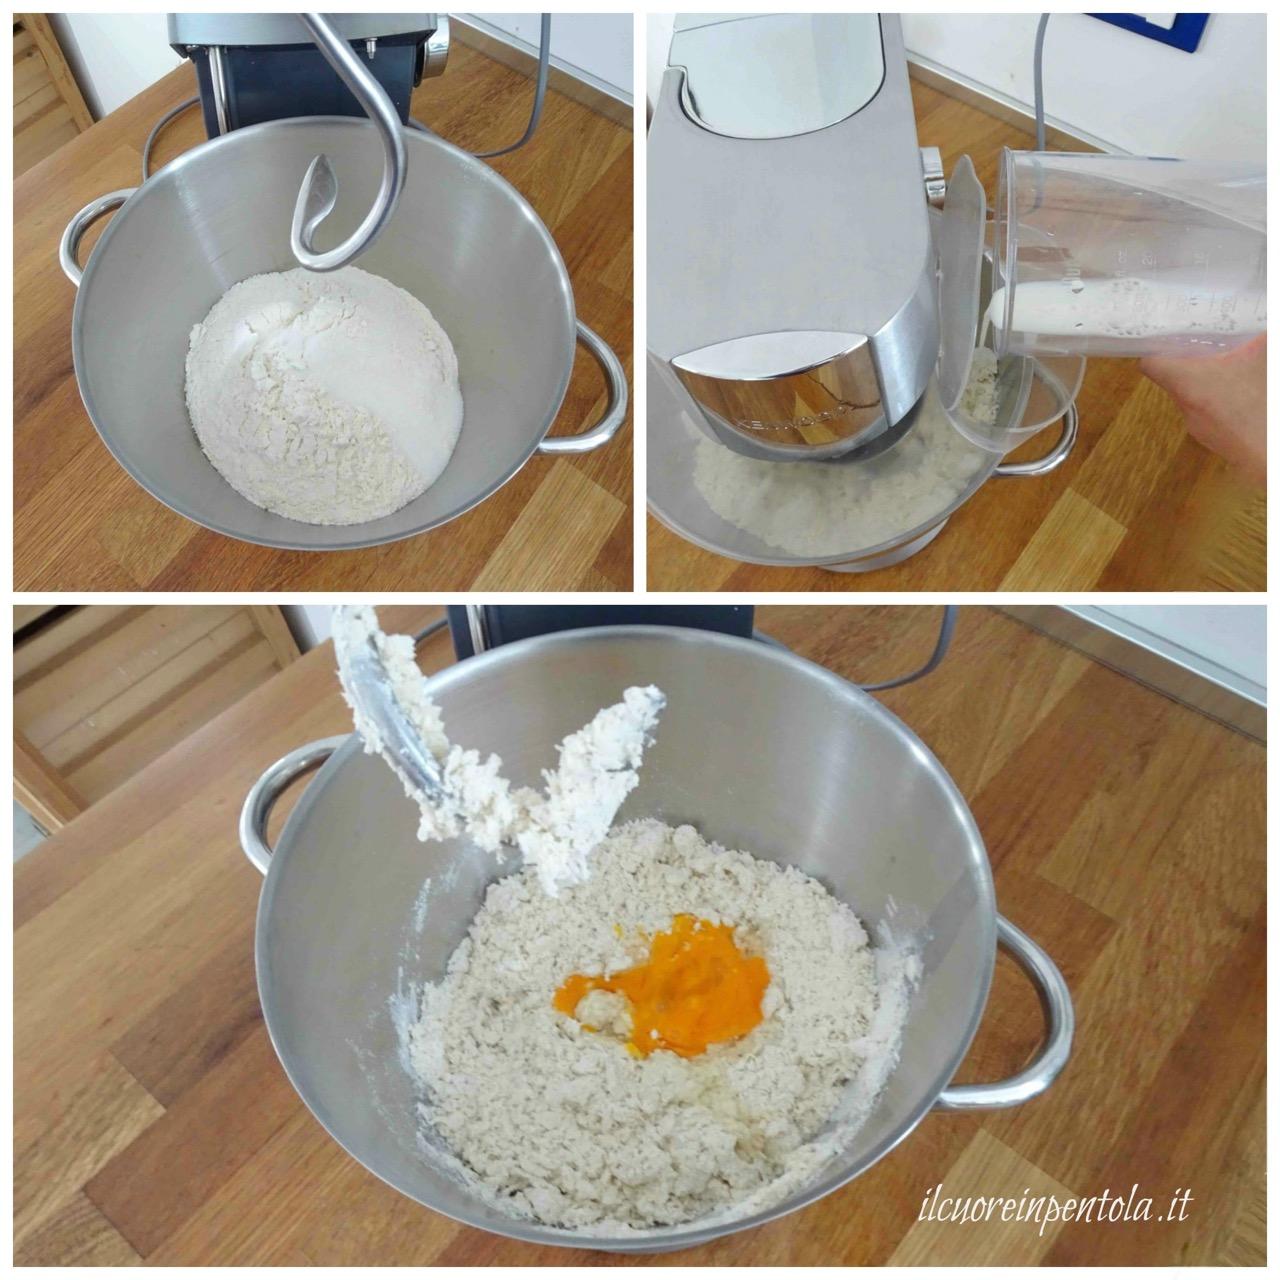 Danubio salato – Ricetta tradizionale Il Cuore in Pentola